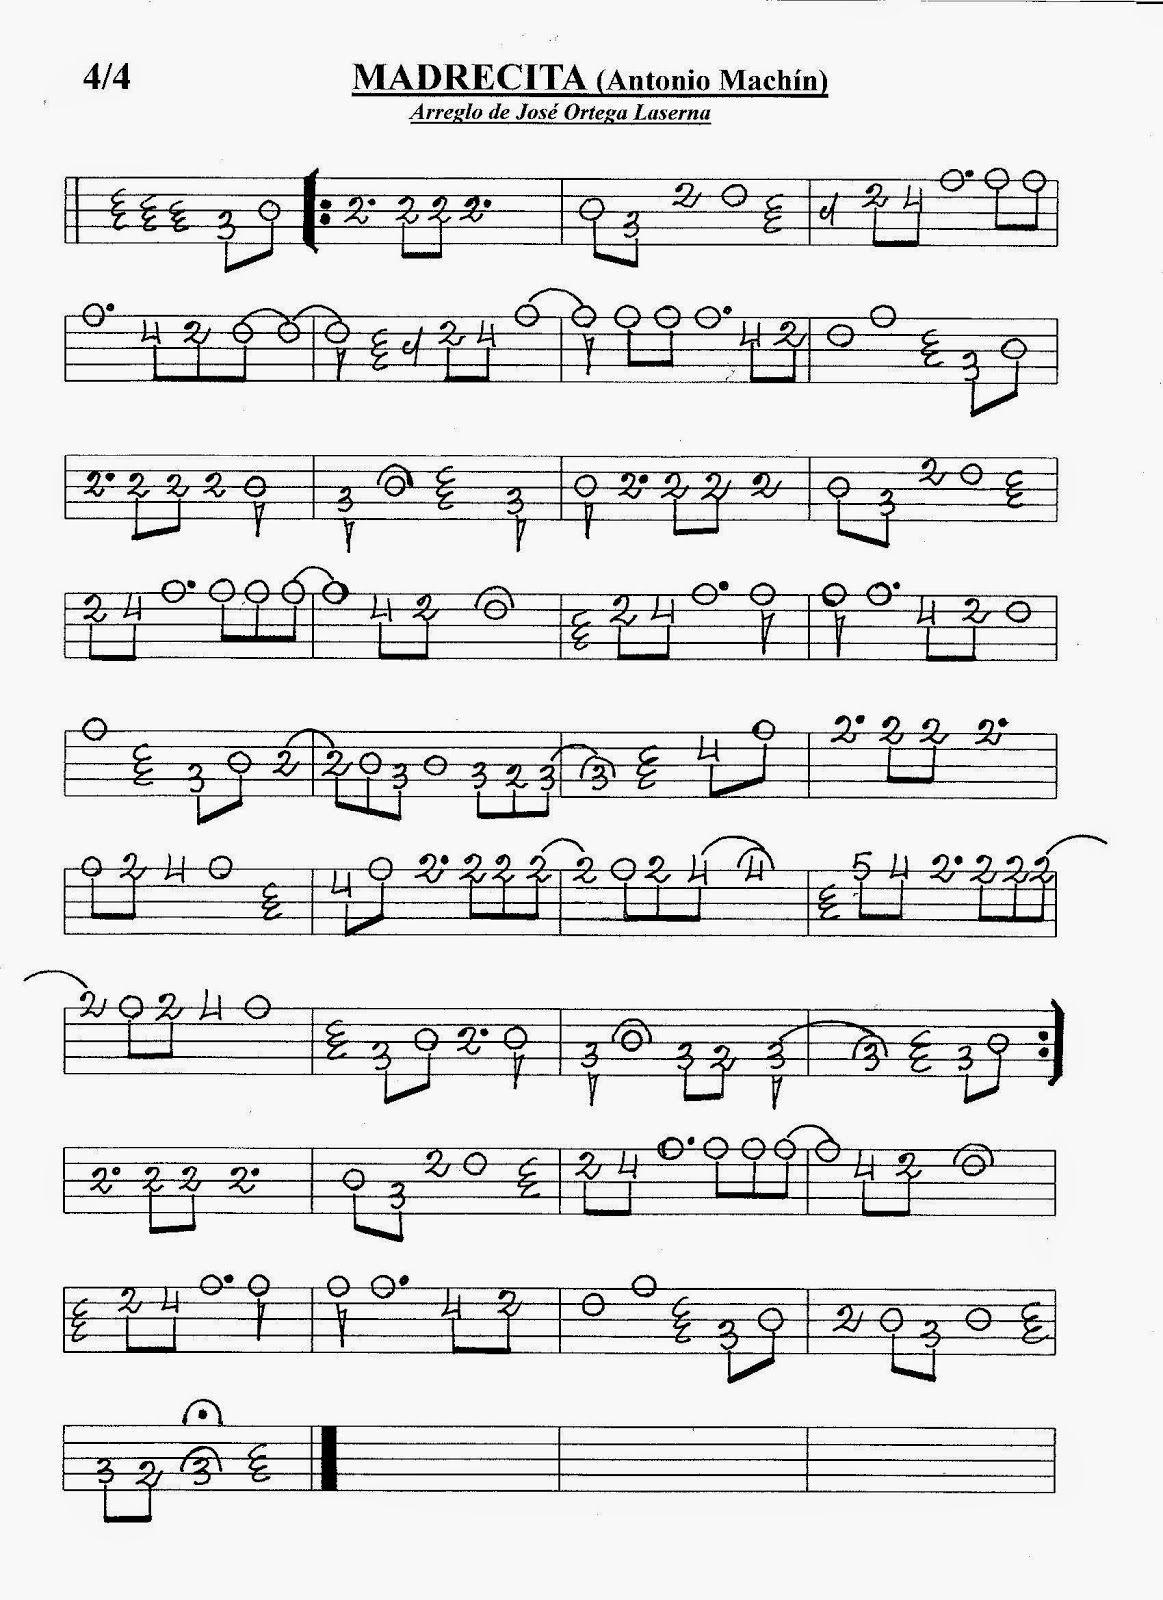 Partituras En Cifra Para Bandurria Y Laúd De José Ortega Laserna Madrecita Antonio Machín Partituras Canciones De Guitarra Musica Partituras